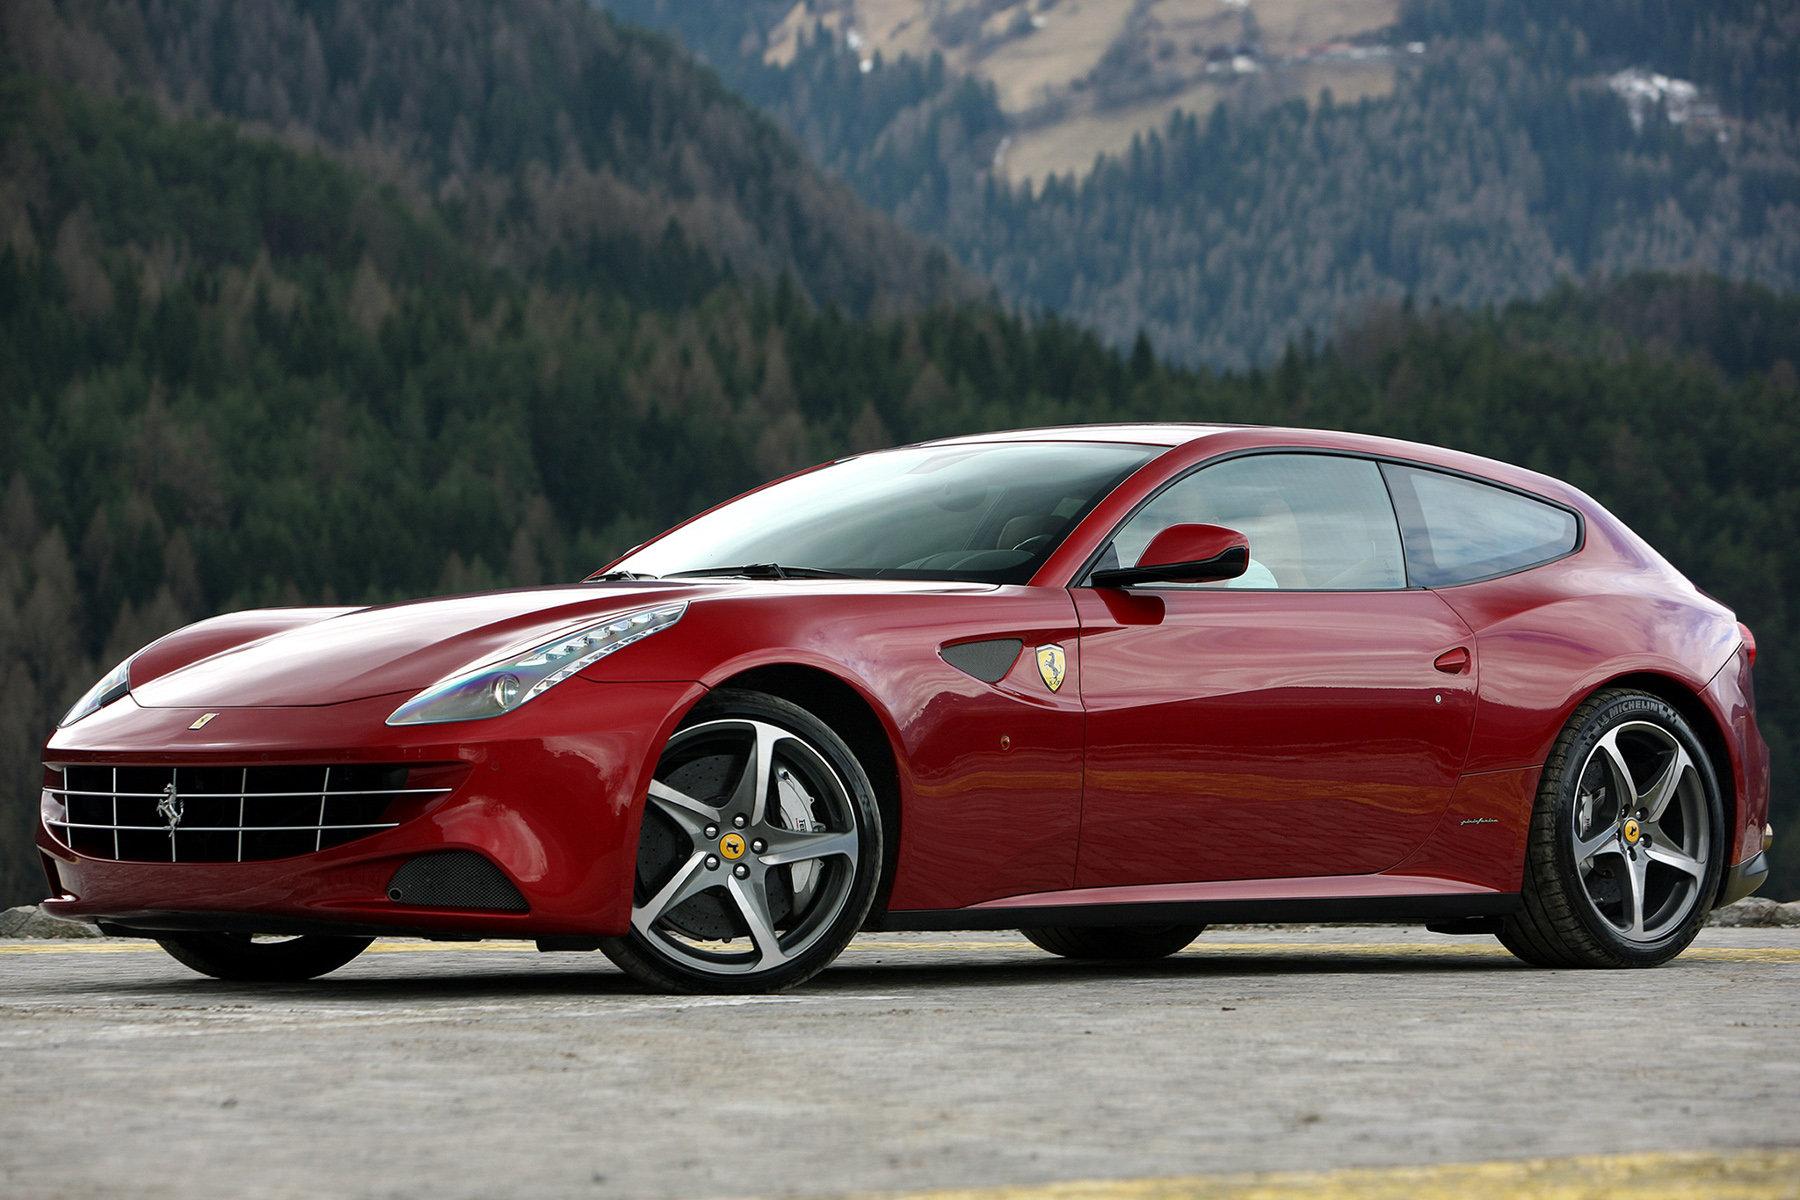 Автовладелец подал в суд на дилера Ferrari из-за облезшей краски 1